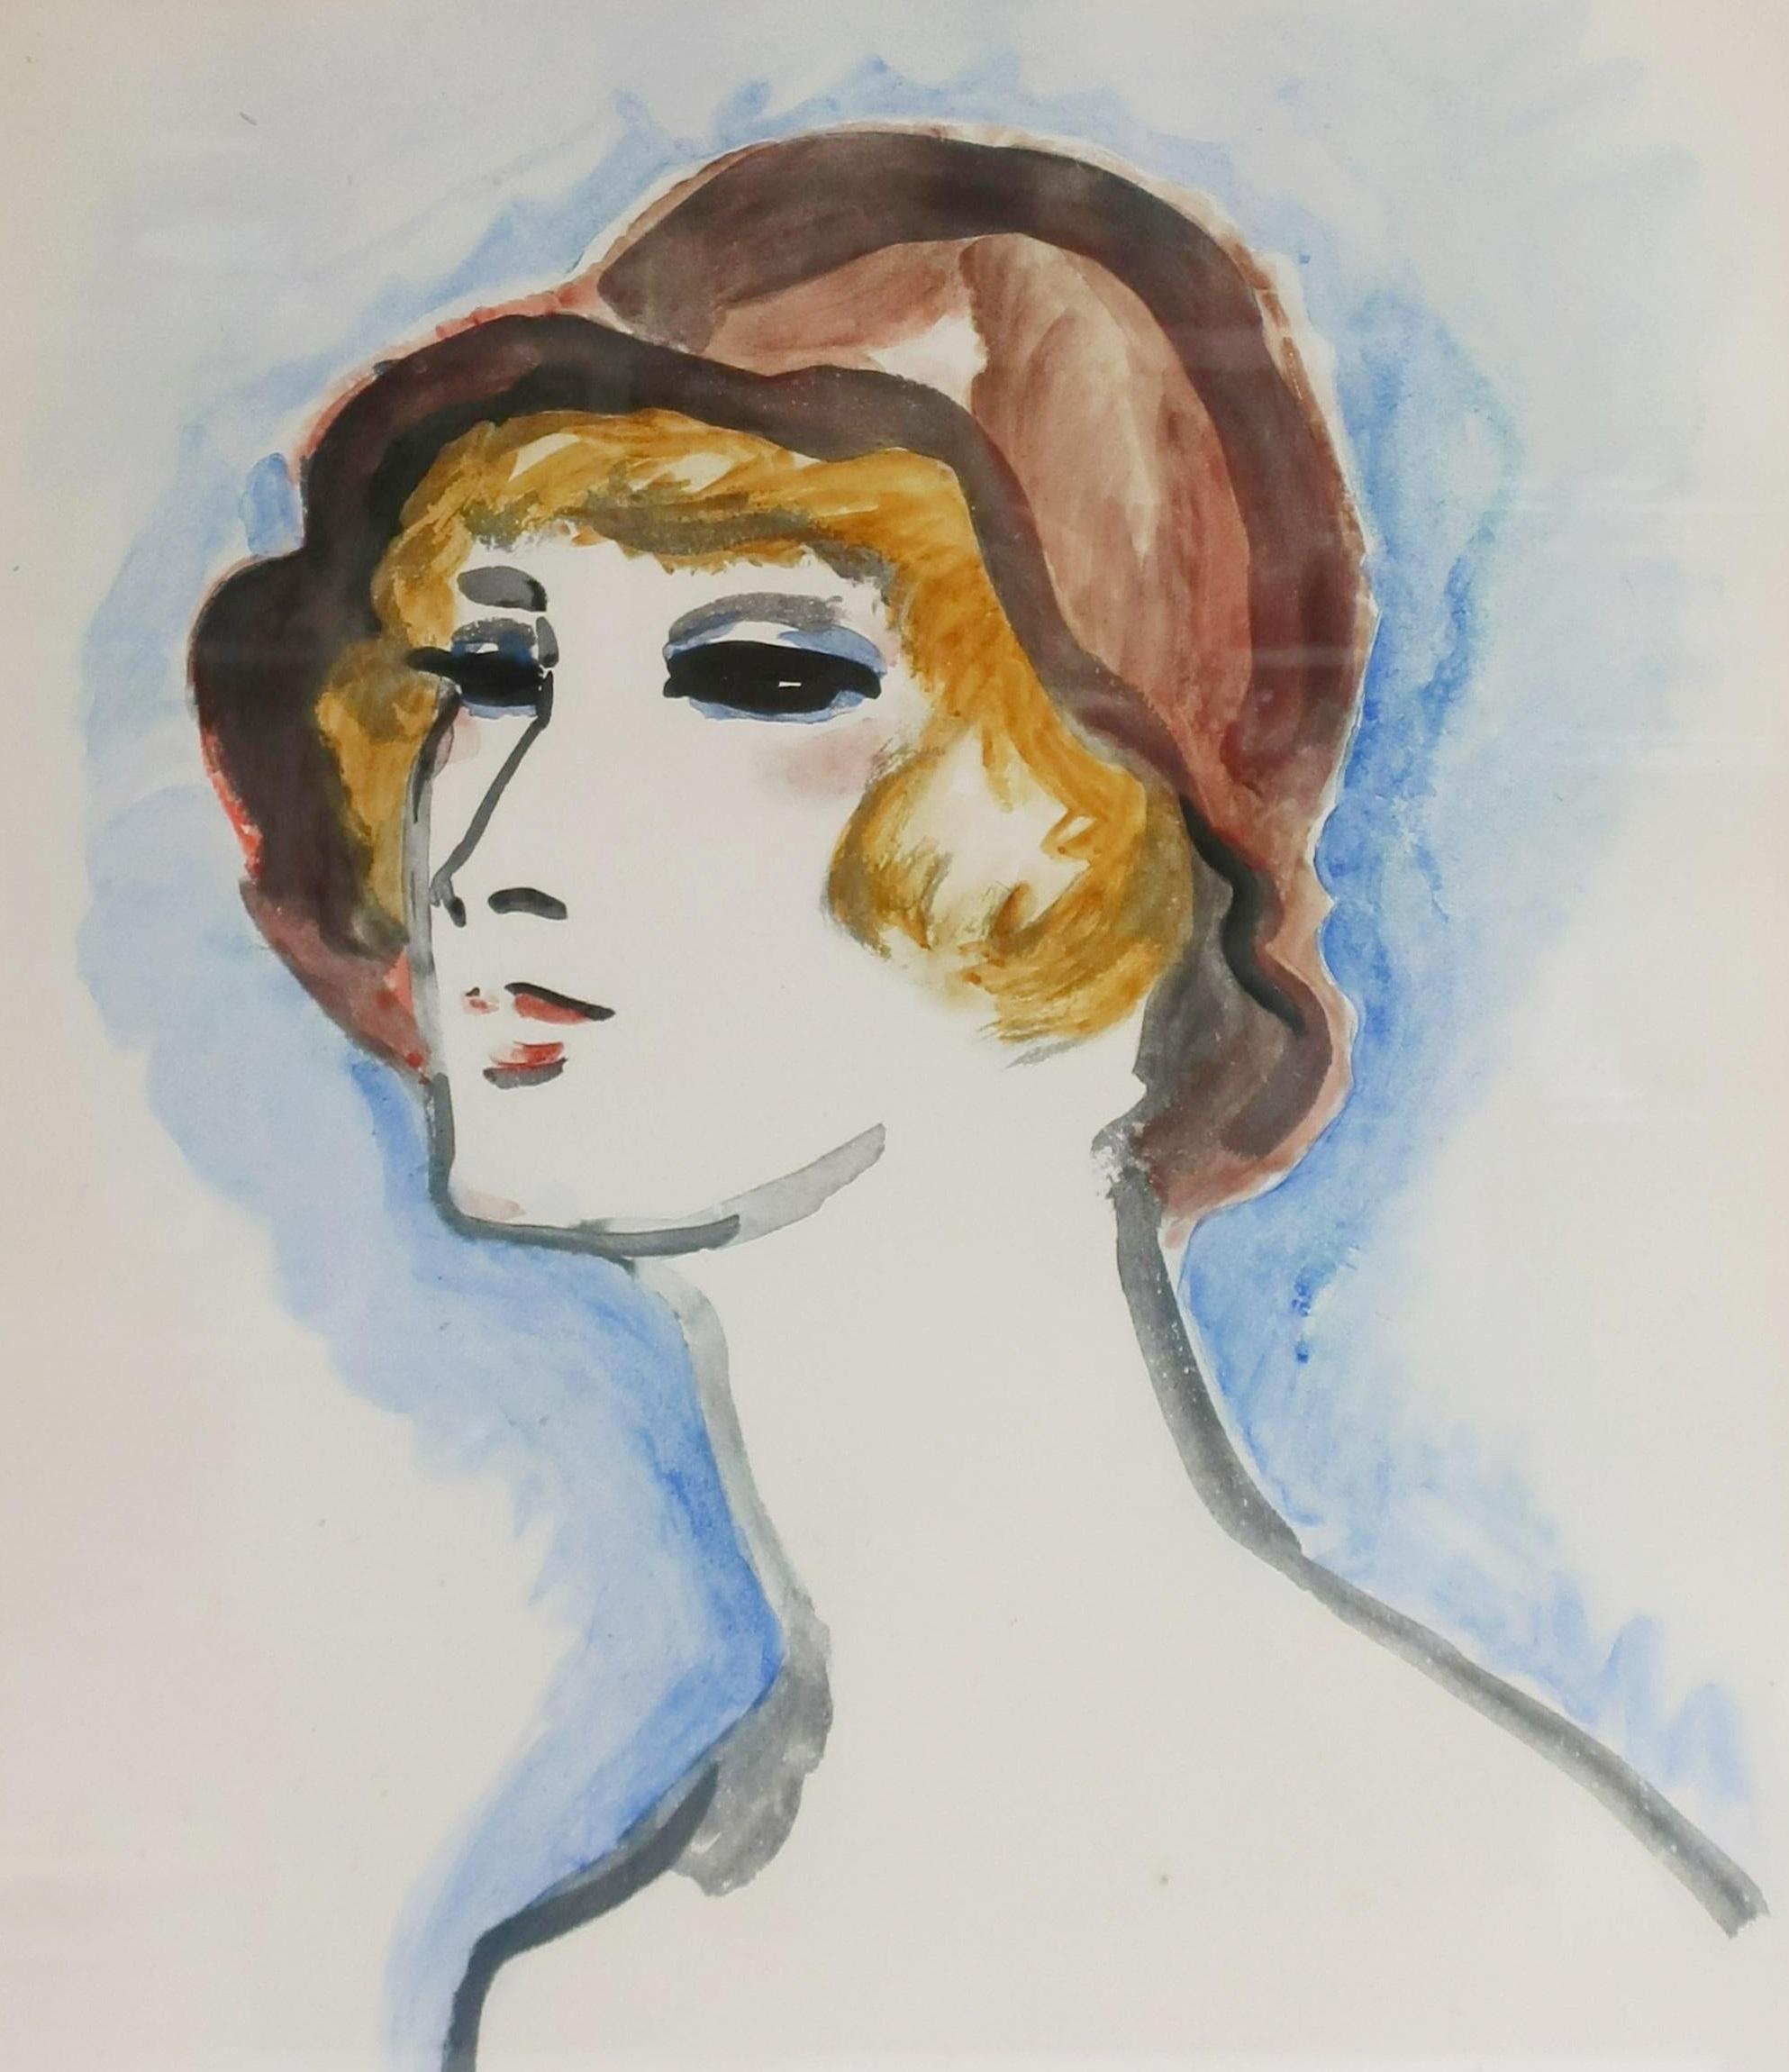 Kees Van Dongen, Tete De Femme Au Chapeau, 1925-301. Sold For $10,725